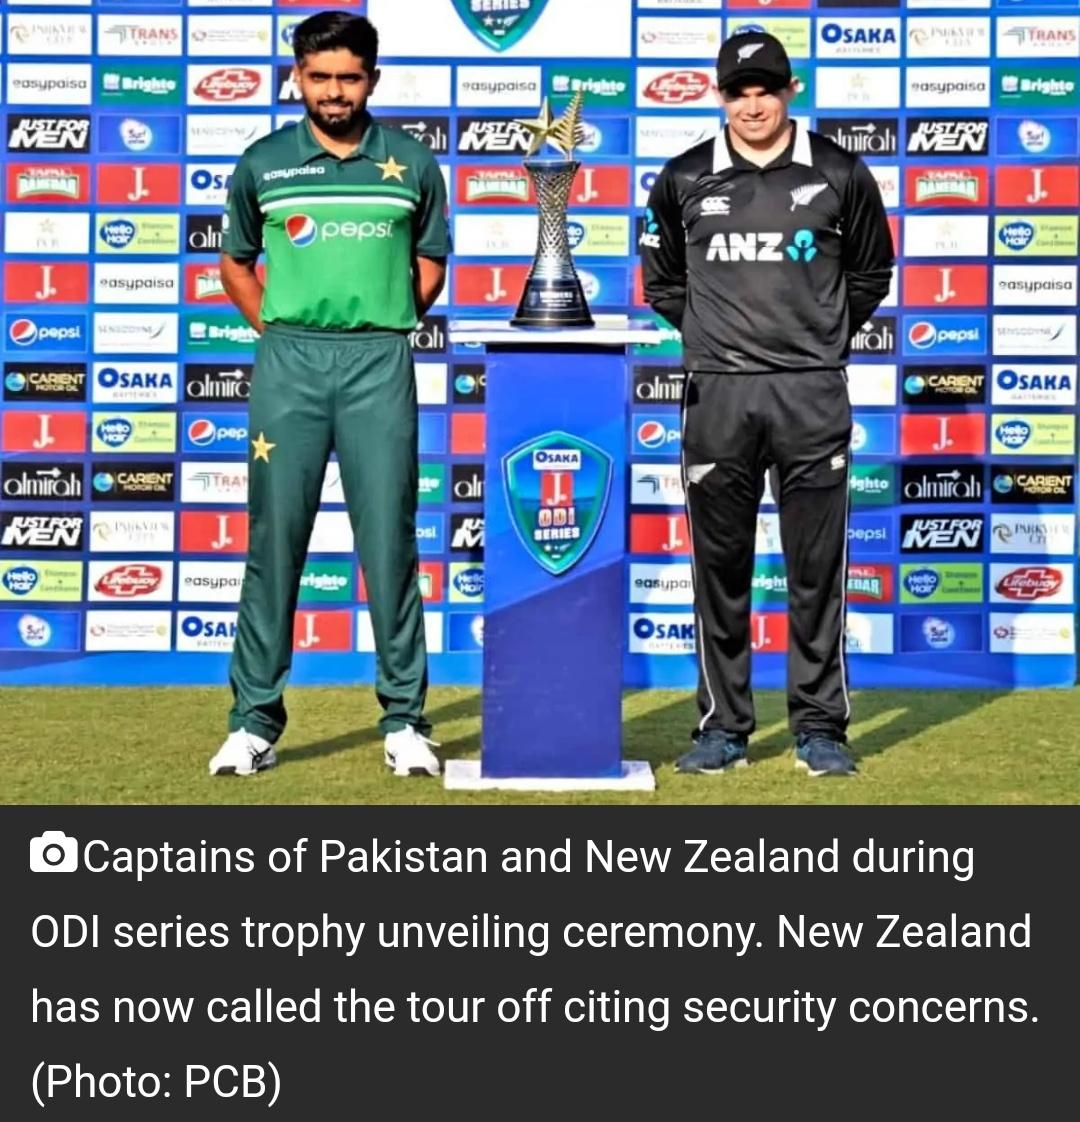 सुरक्षा खतरे का हवाला देते हुए न्यूजीलैंड ने छोड़ा पाकिस्तान का दौरा; PCB इसे एकतरफा बताया! 6